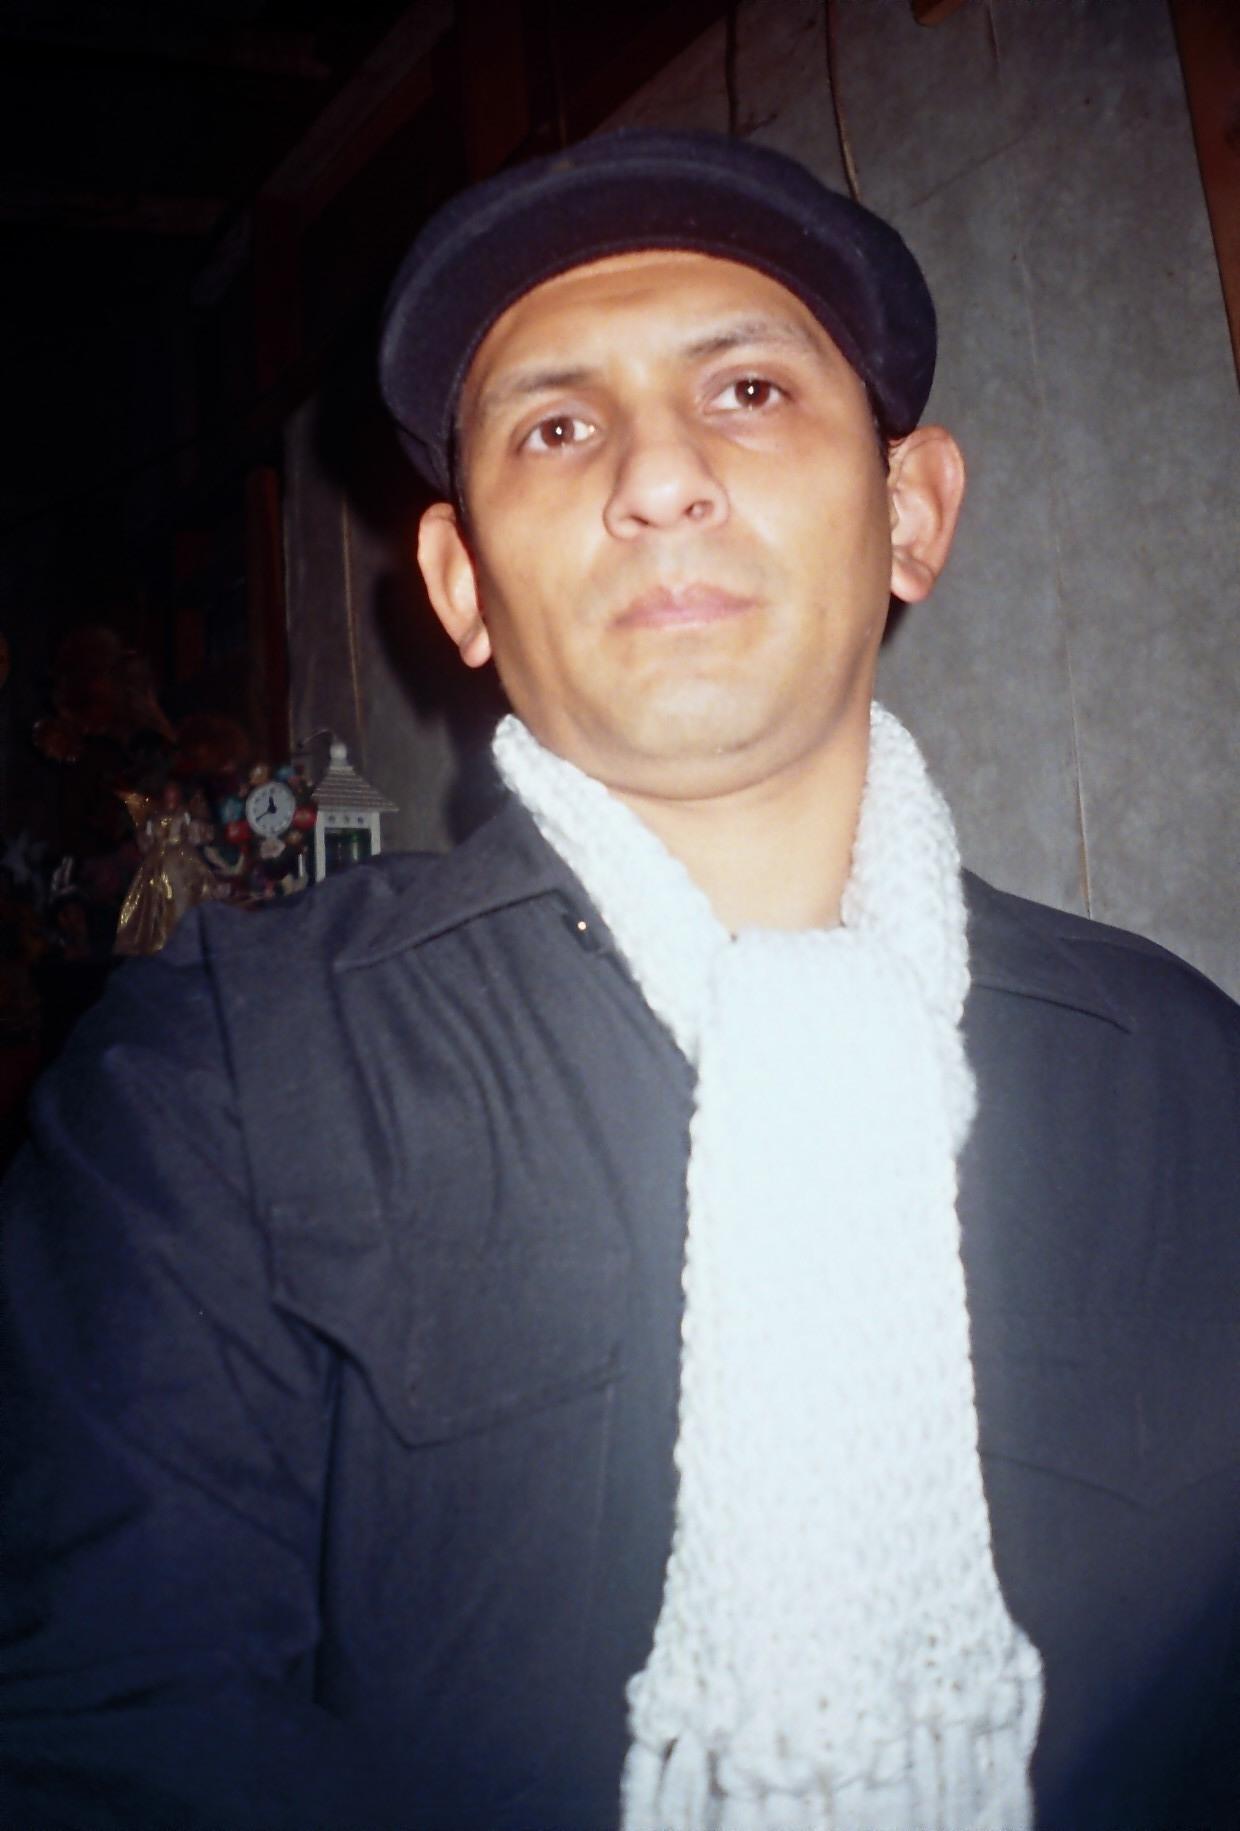 gussy2004